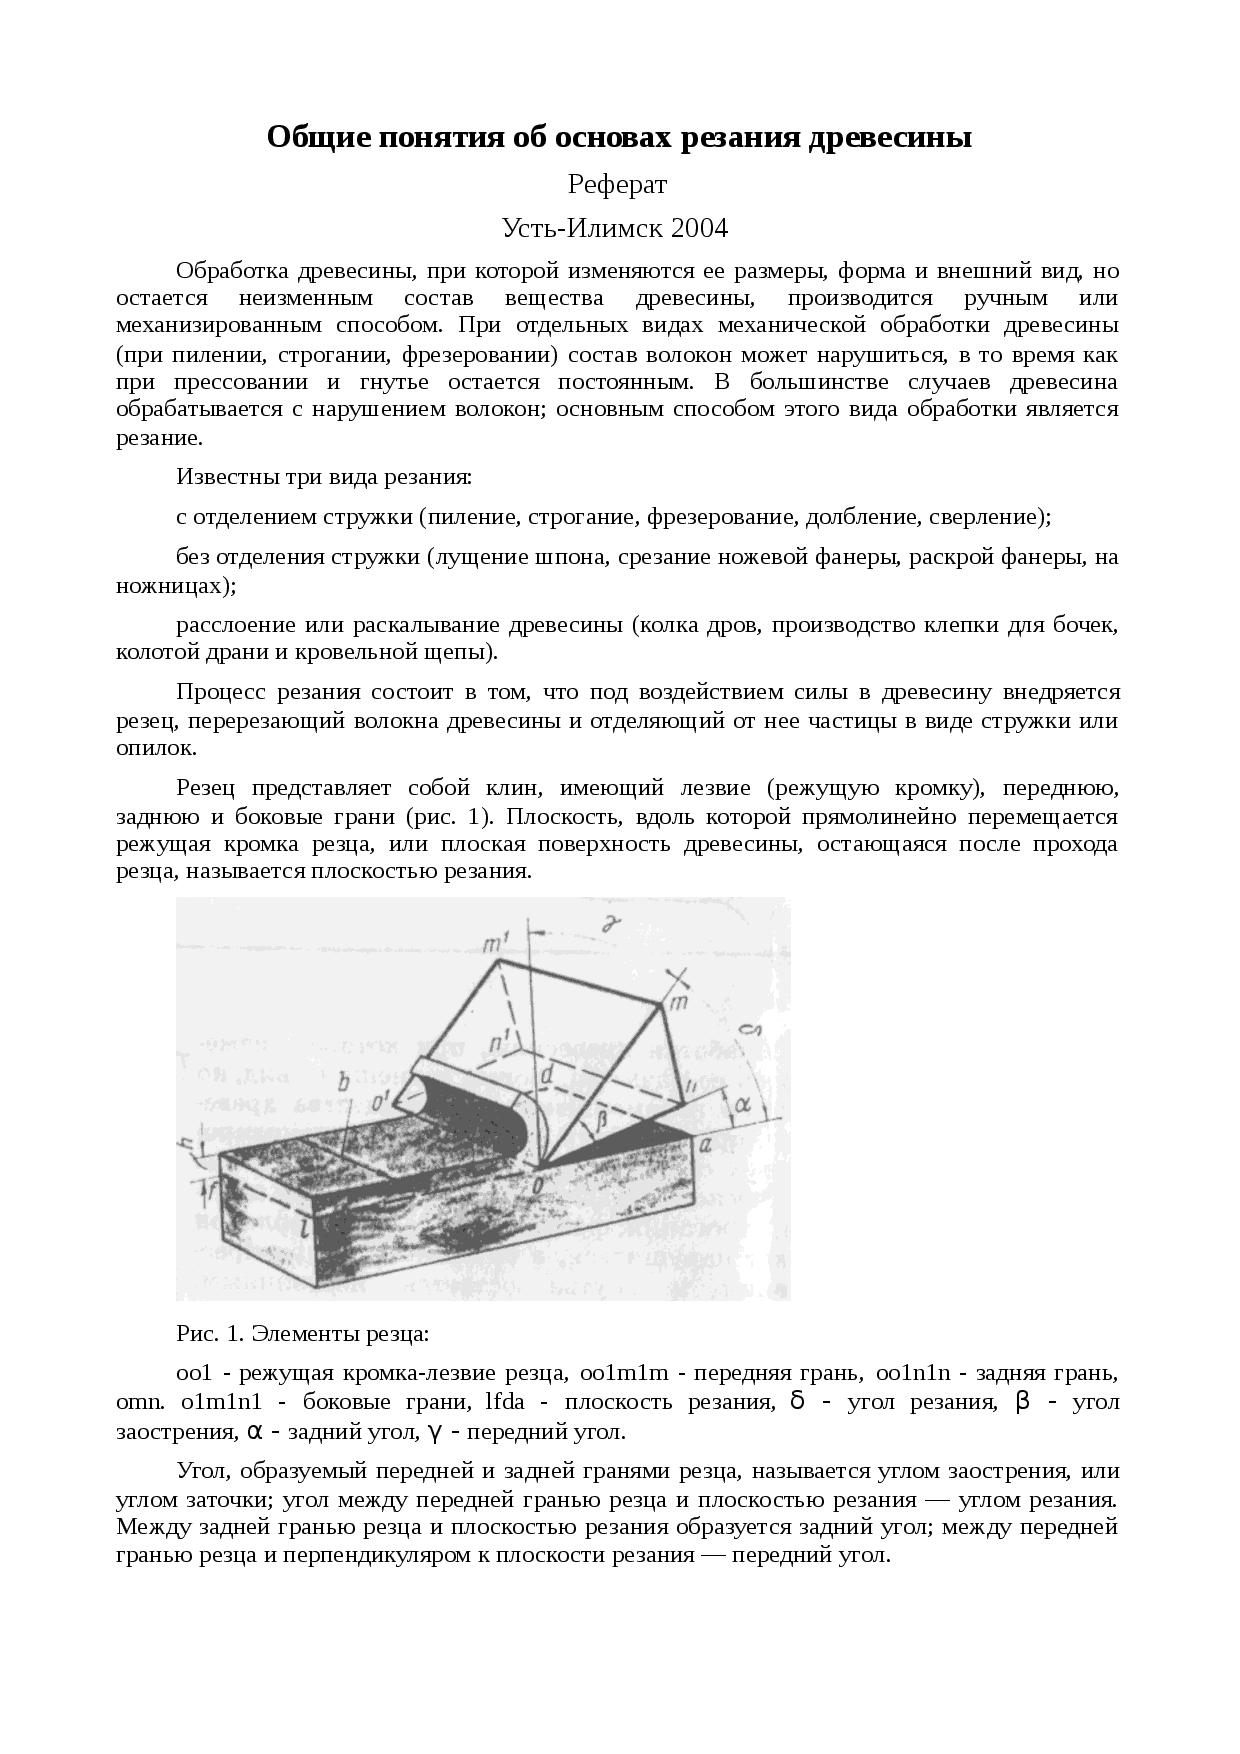 6.строгание древесины. столярные, плотничные, стекольные и паркетные работы: практическое пособие